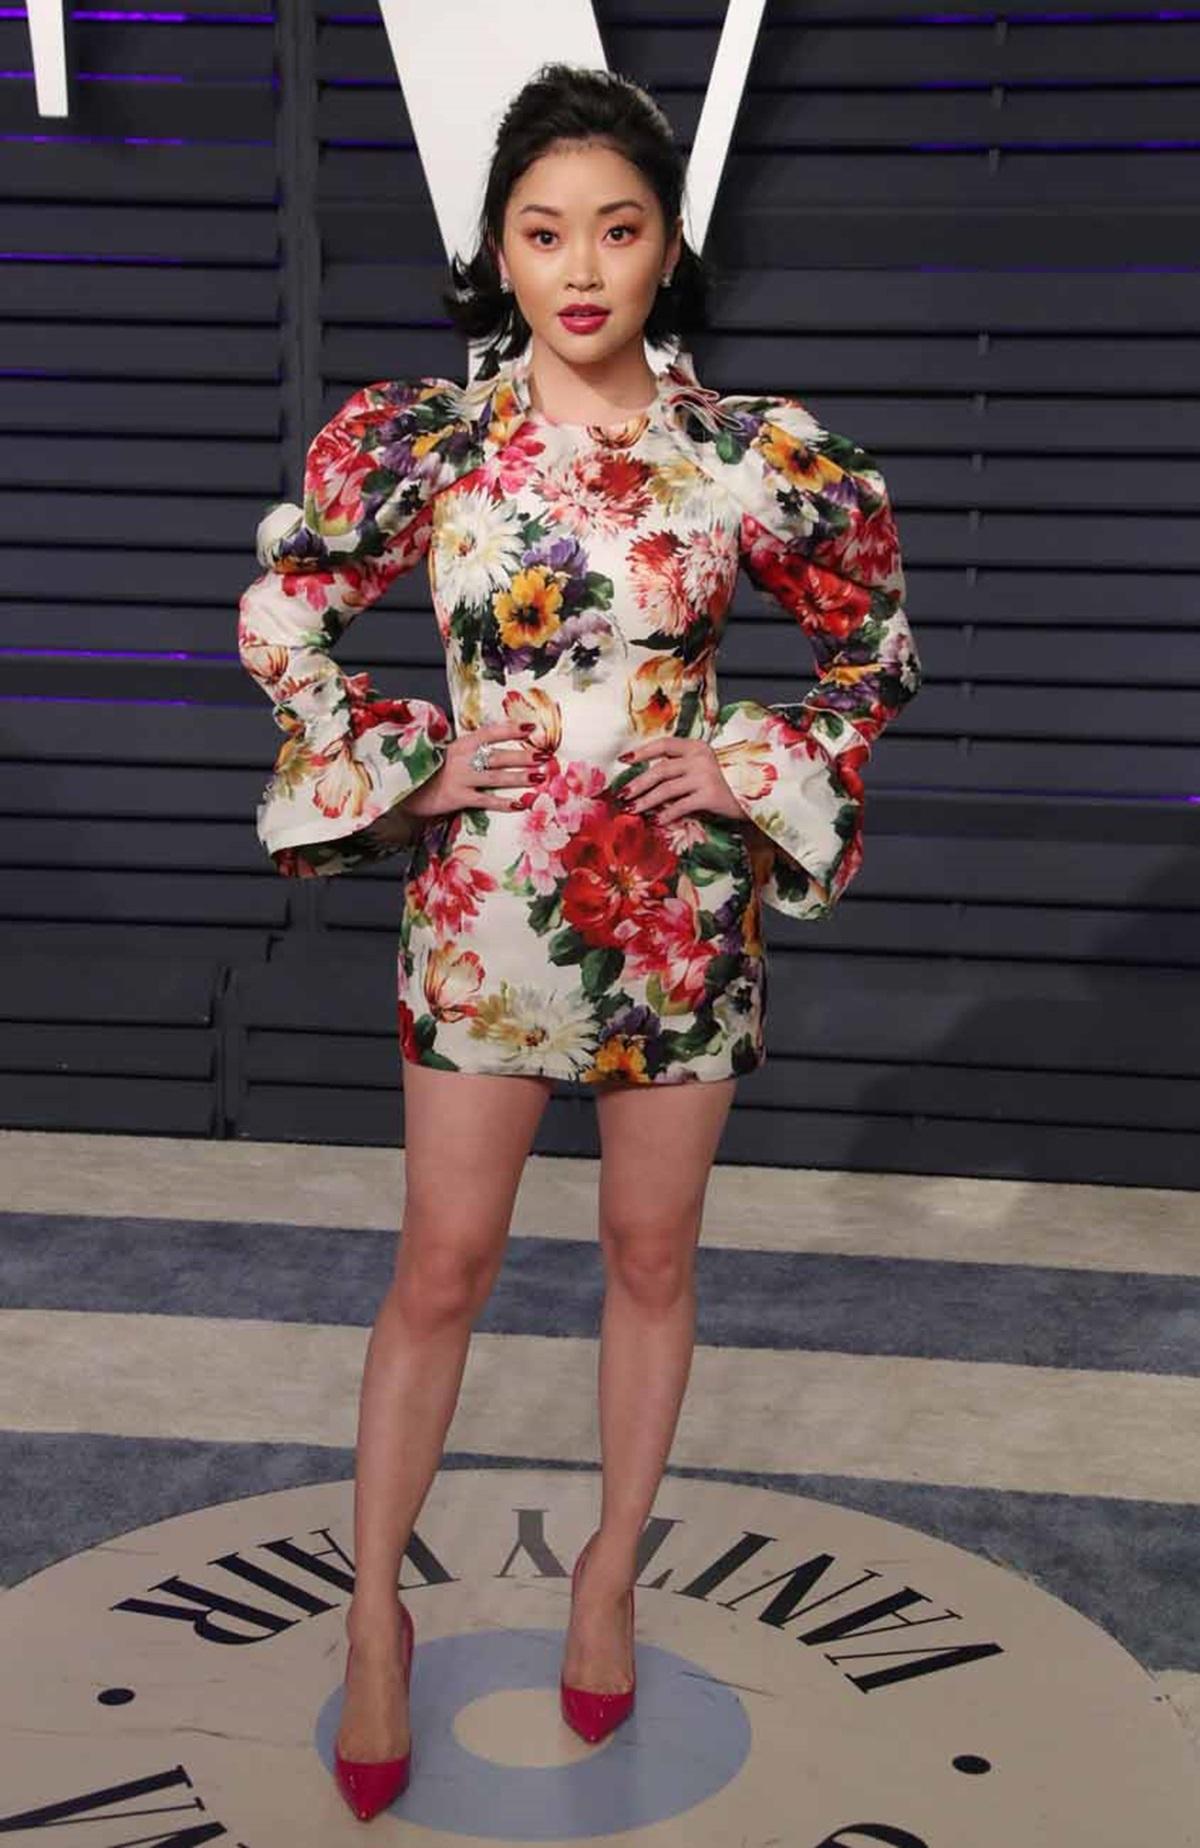 Ở tiệc Vanity Fair Oscar Party năm ngoái, cô mang không khí mùa xuân với thiết kế in hoa Dolce & Gabbana, phối giày đế đỏ Christian Louboutin. Ảnh: Shutterstock.